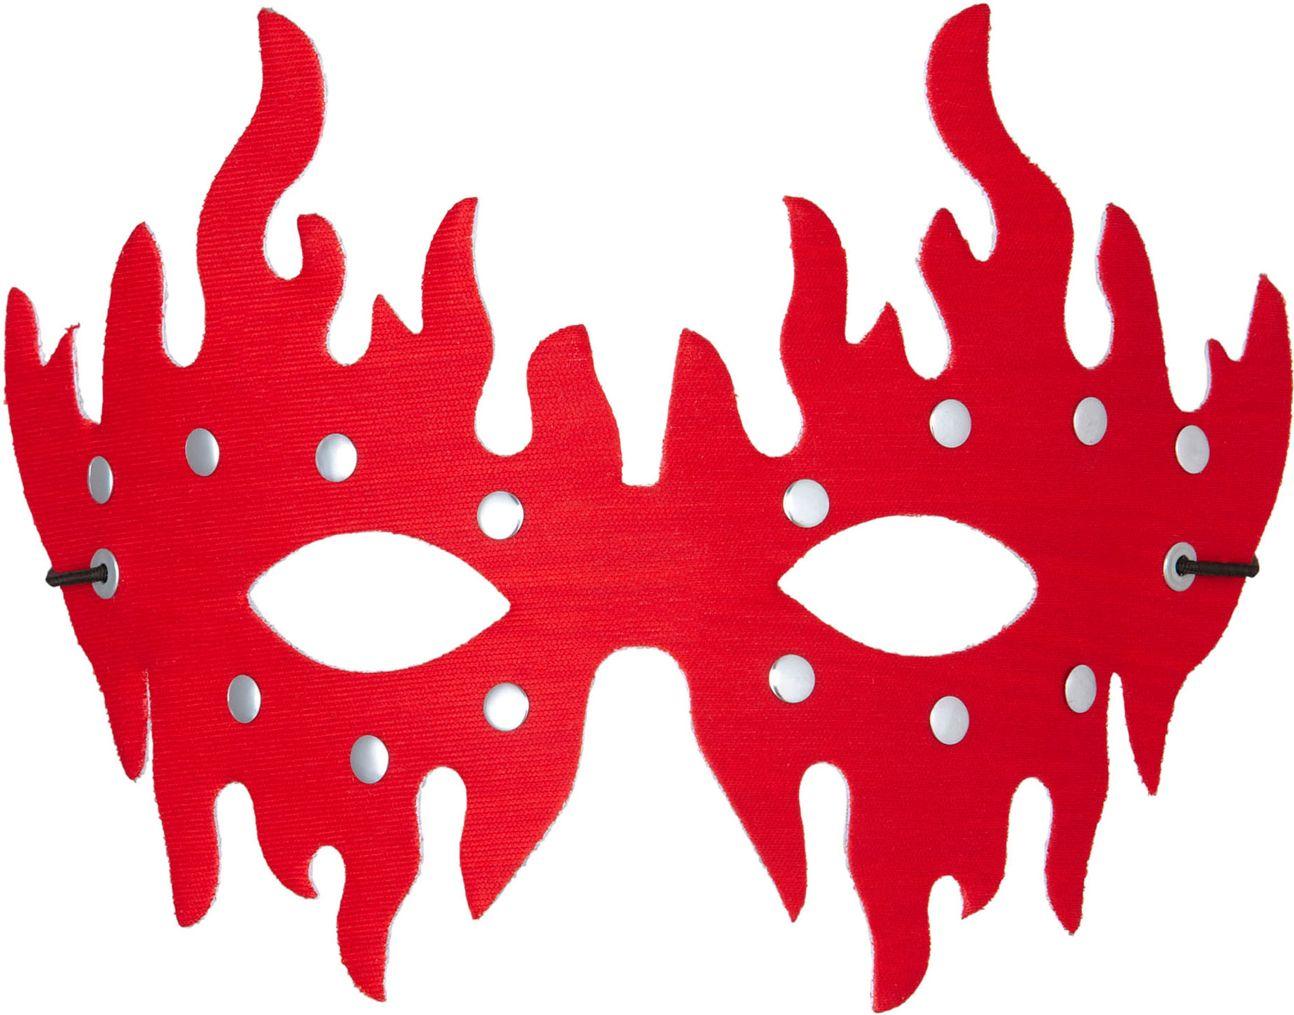 Beslagen oogmasker rood